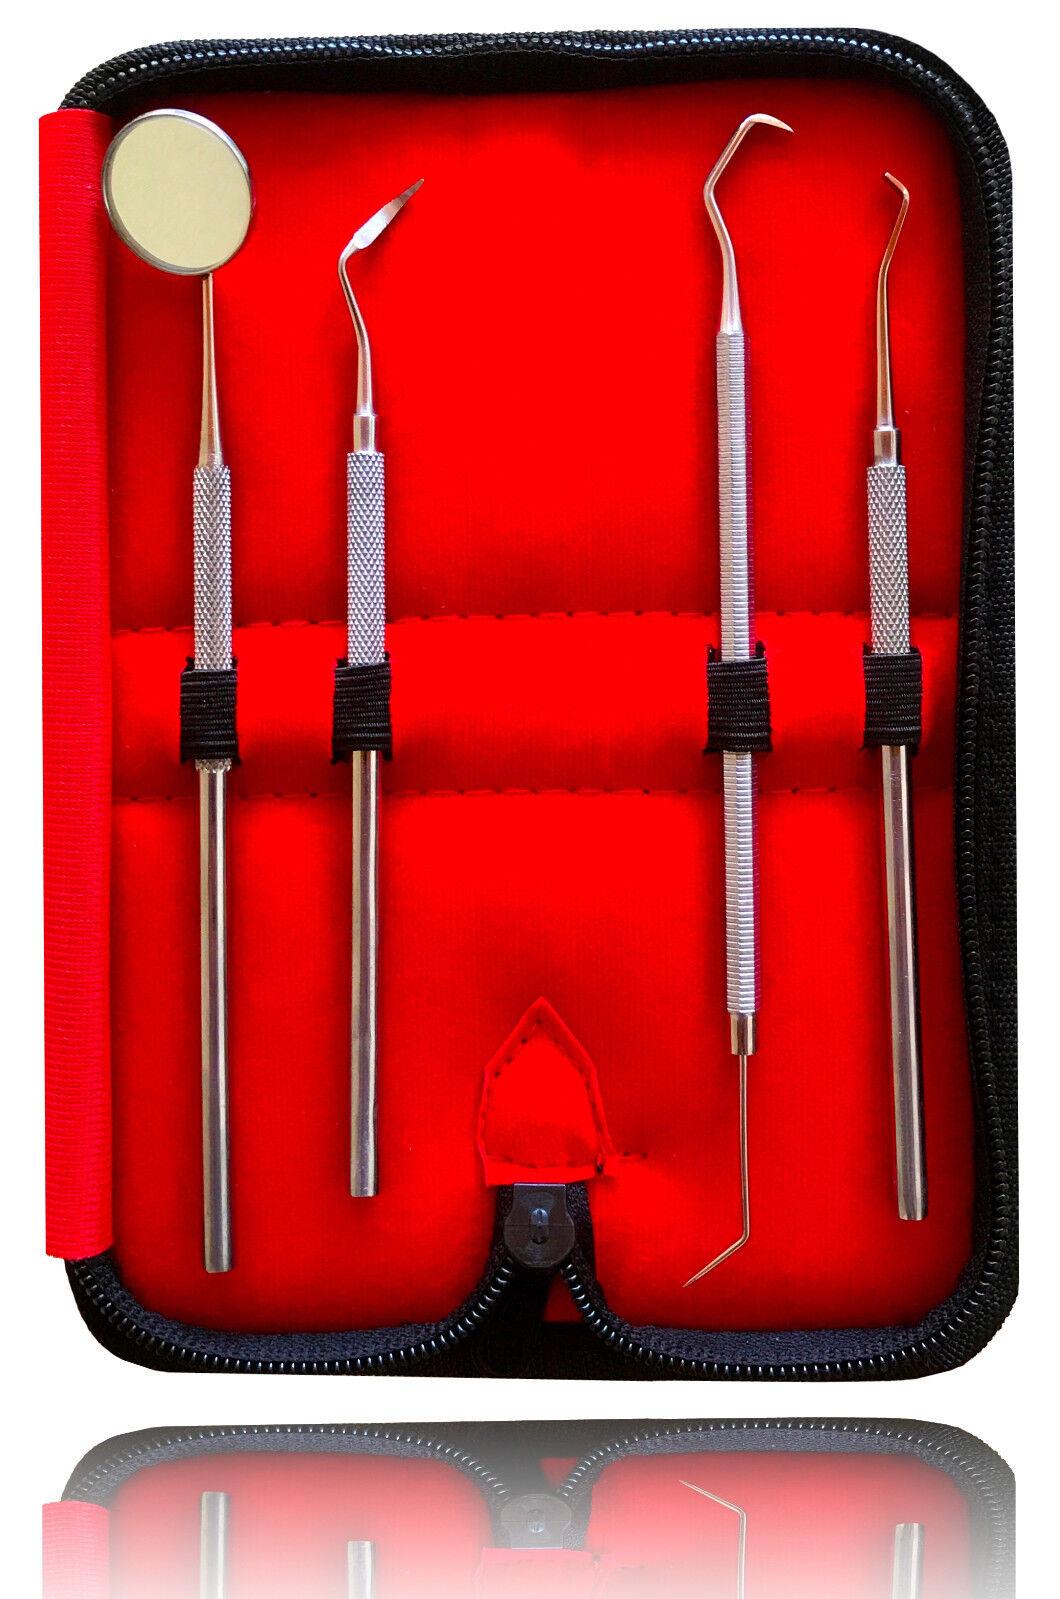 4er Dental Set Zahnreinigung Zahnsteinentferner Zahnsonde Zahnpflege Mundspiegel